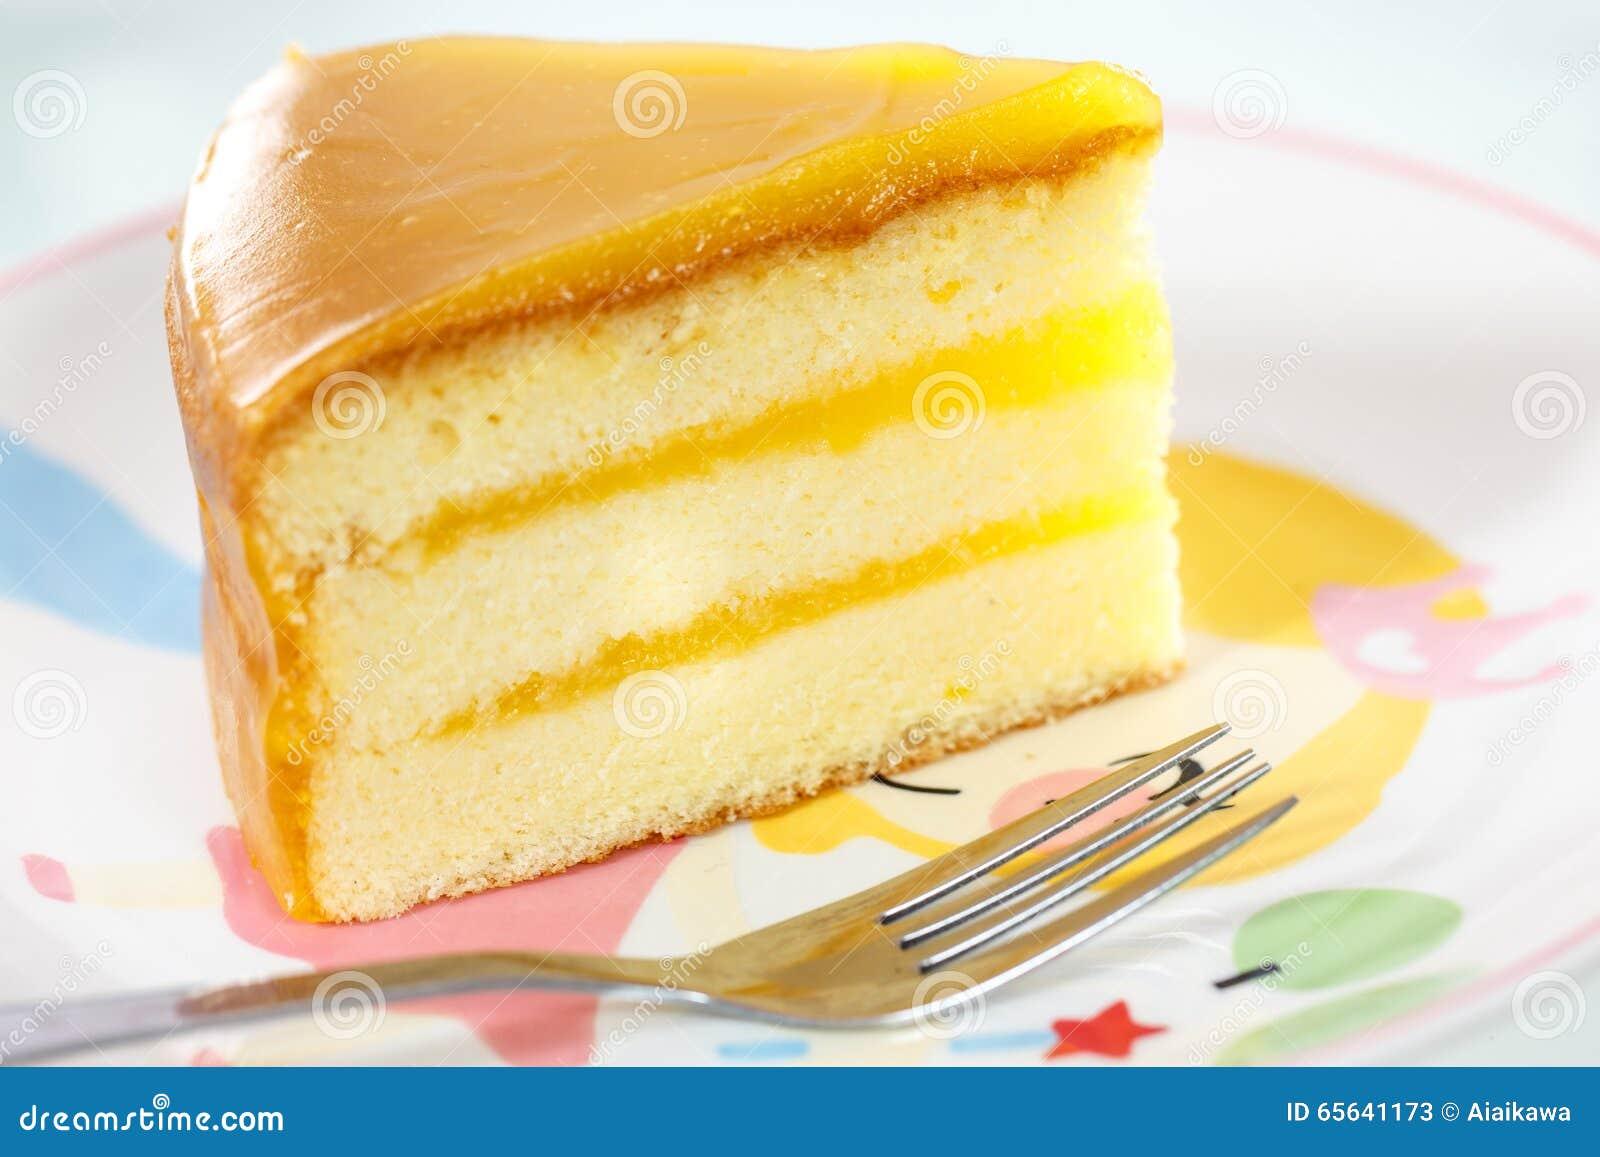 Gâteau au fromage orange